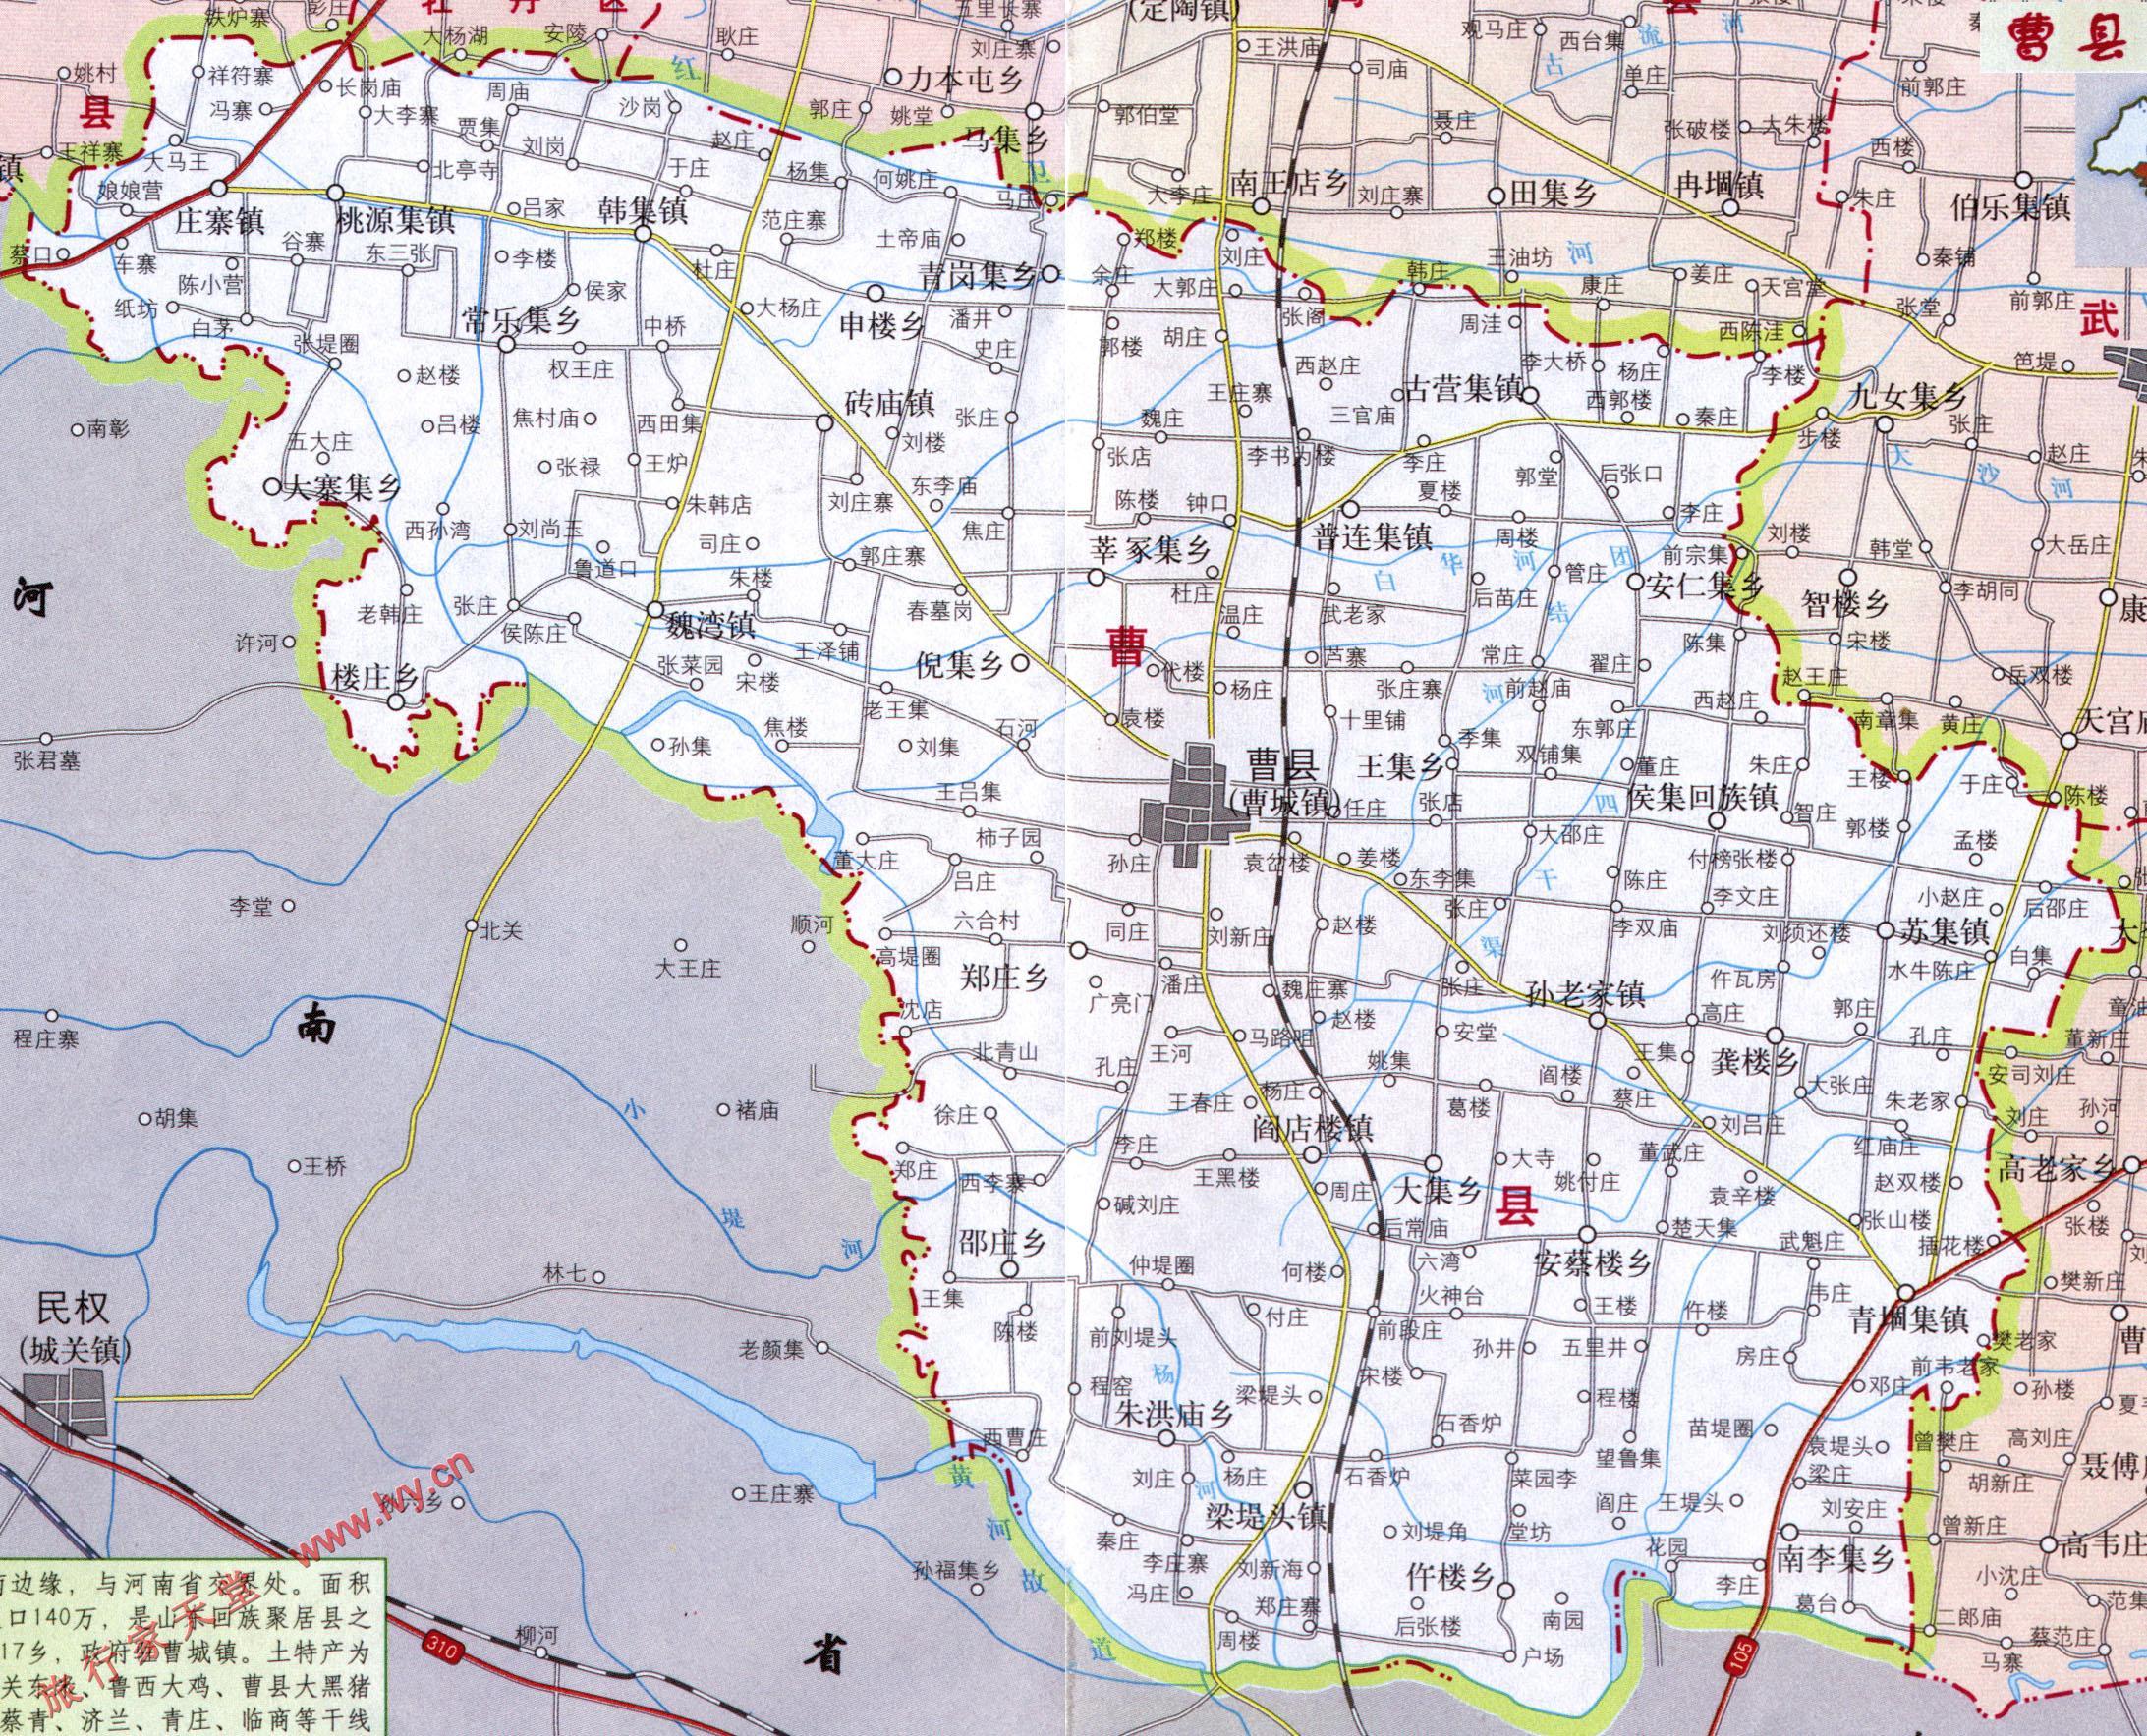 曹县行政区划地图